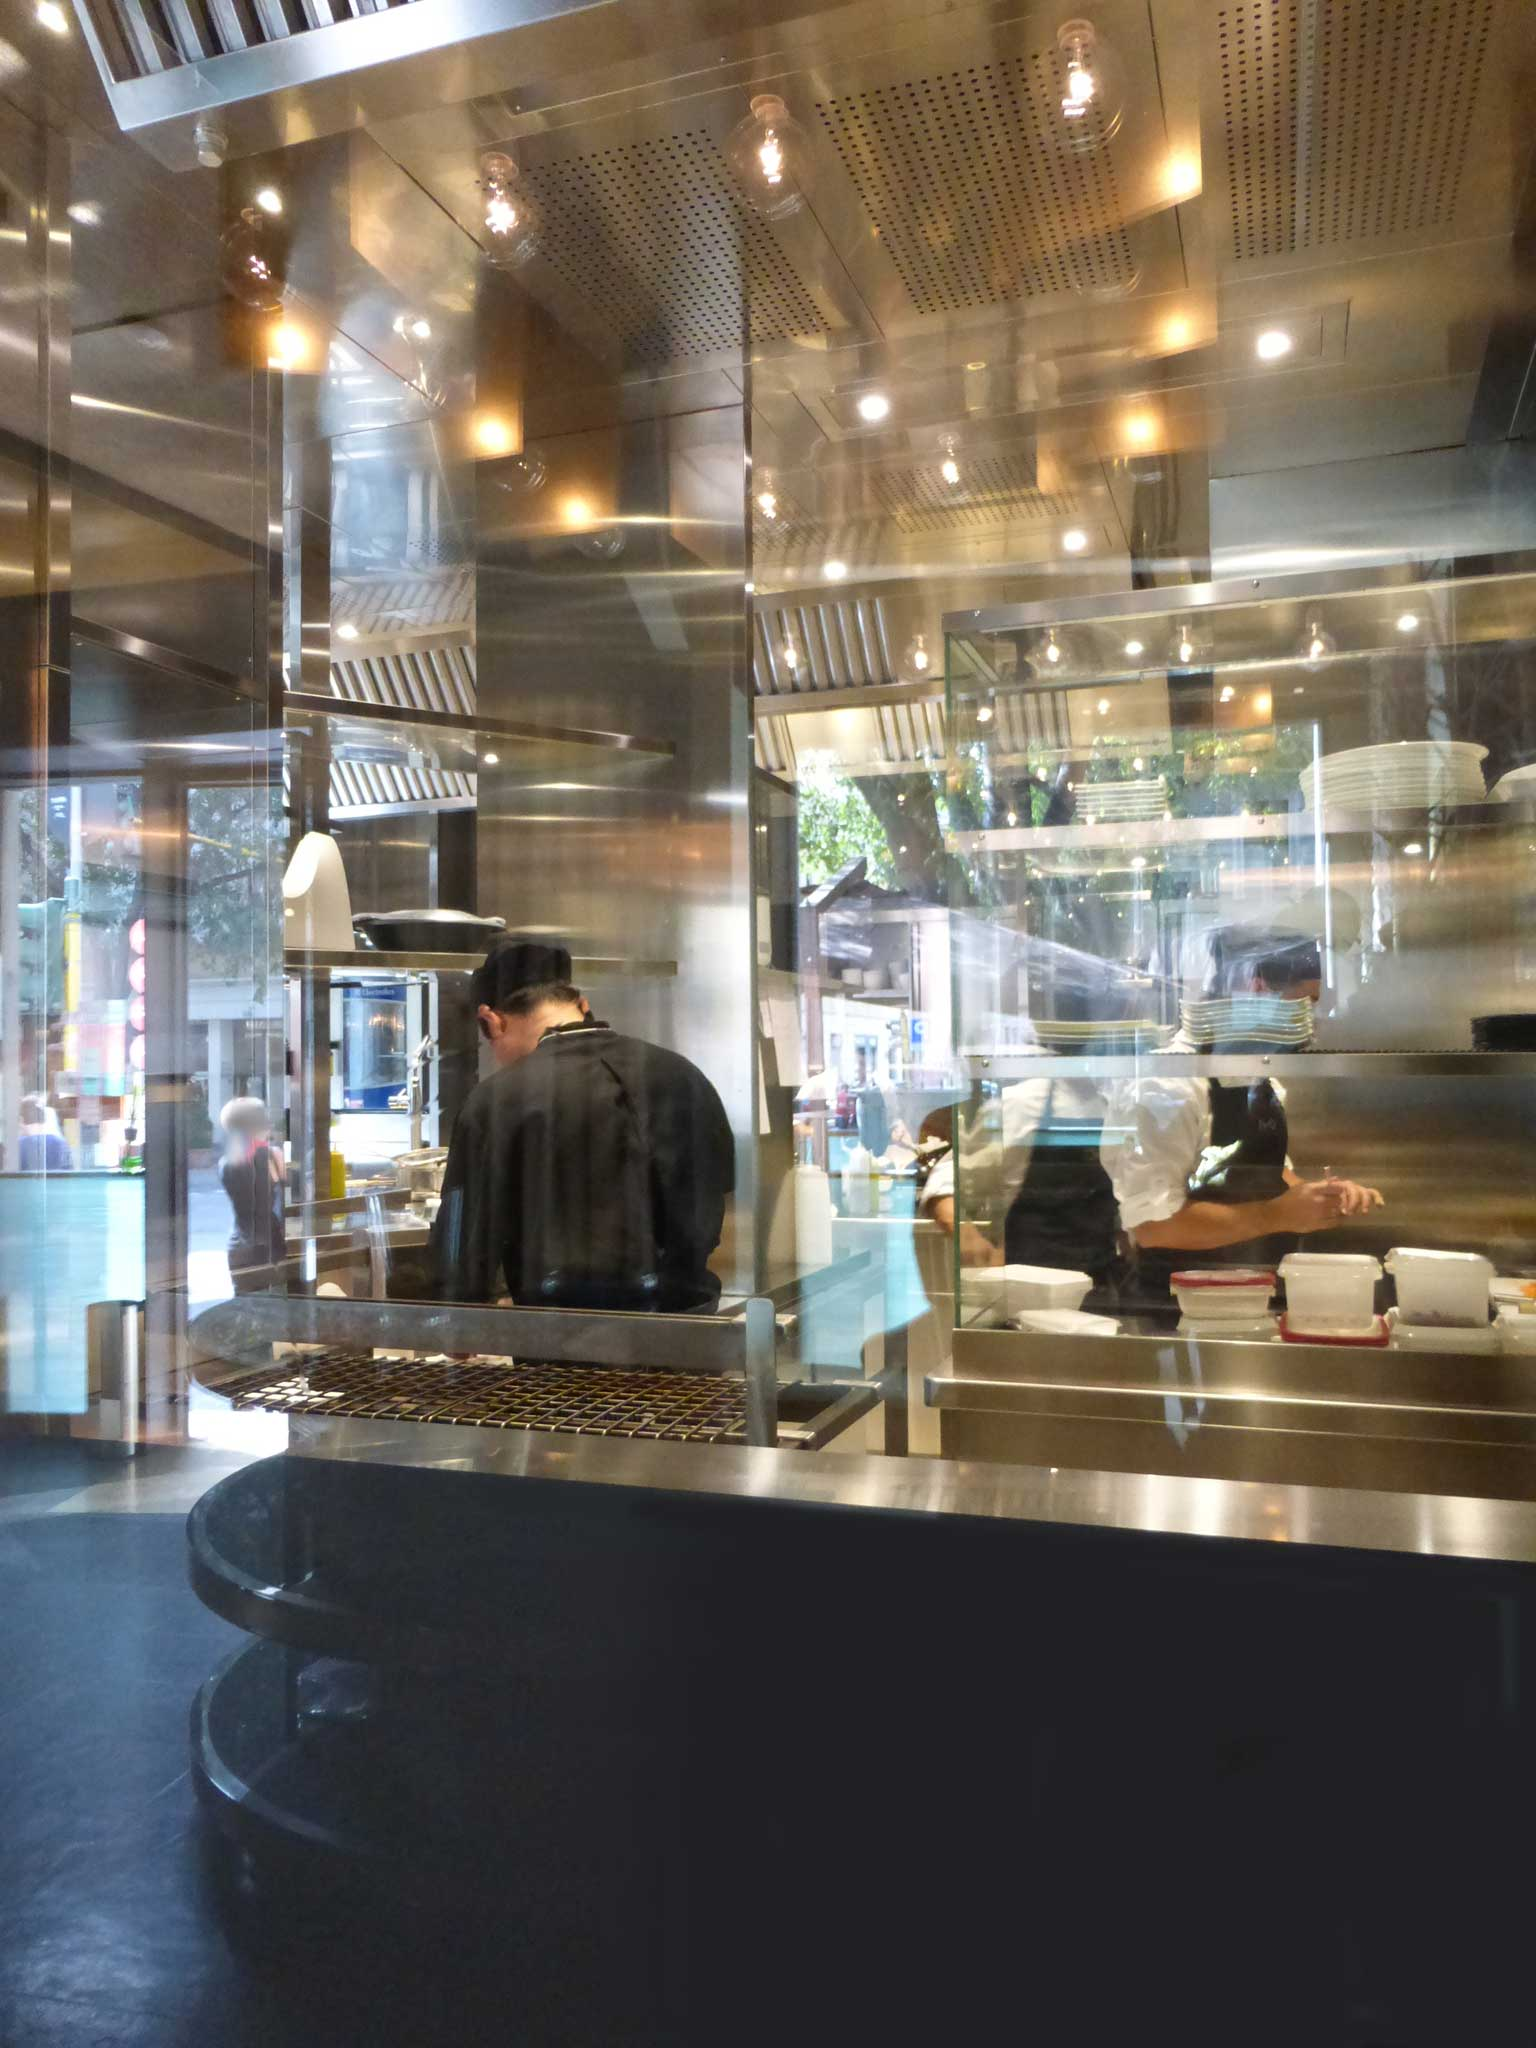 Milano il ristorante iyo e il menu con il robatayaki bbq giapponese - Ristorante cucina milanese ...